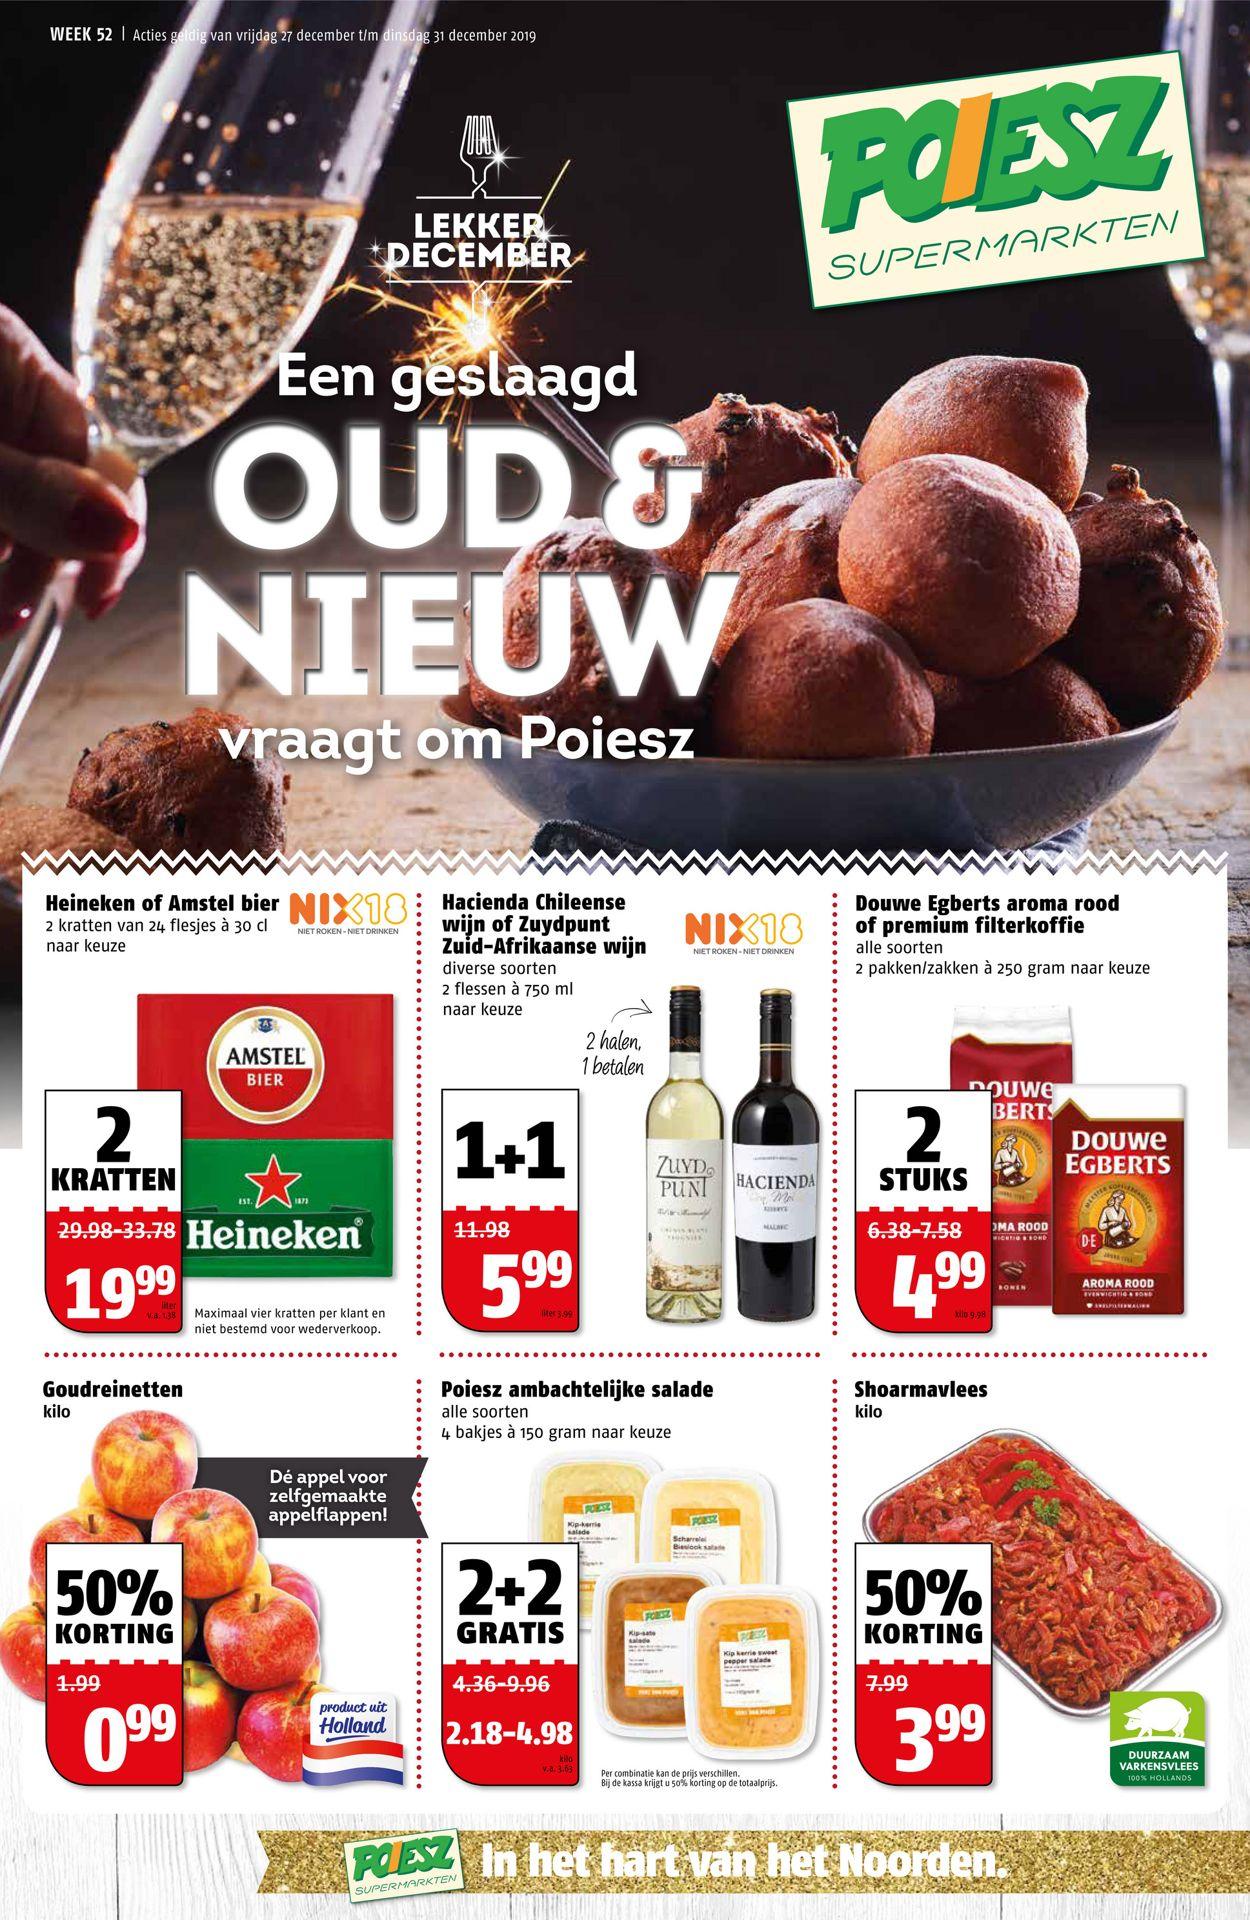 Poiesz - Nieuw jaars folder 2019 Folder - 27.12-31.12.2019